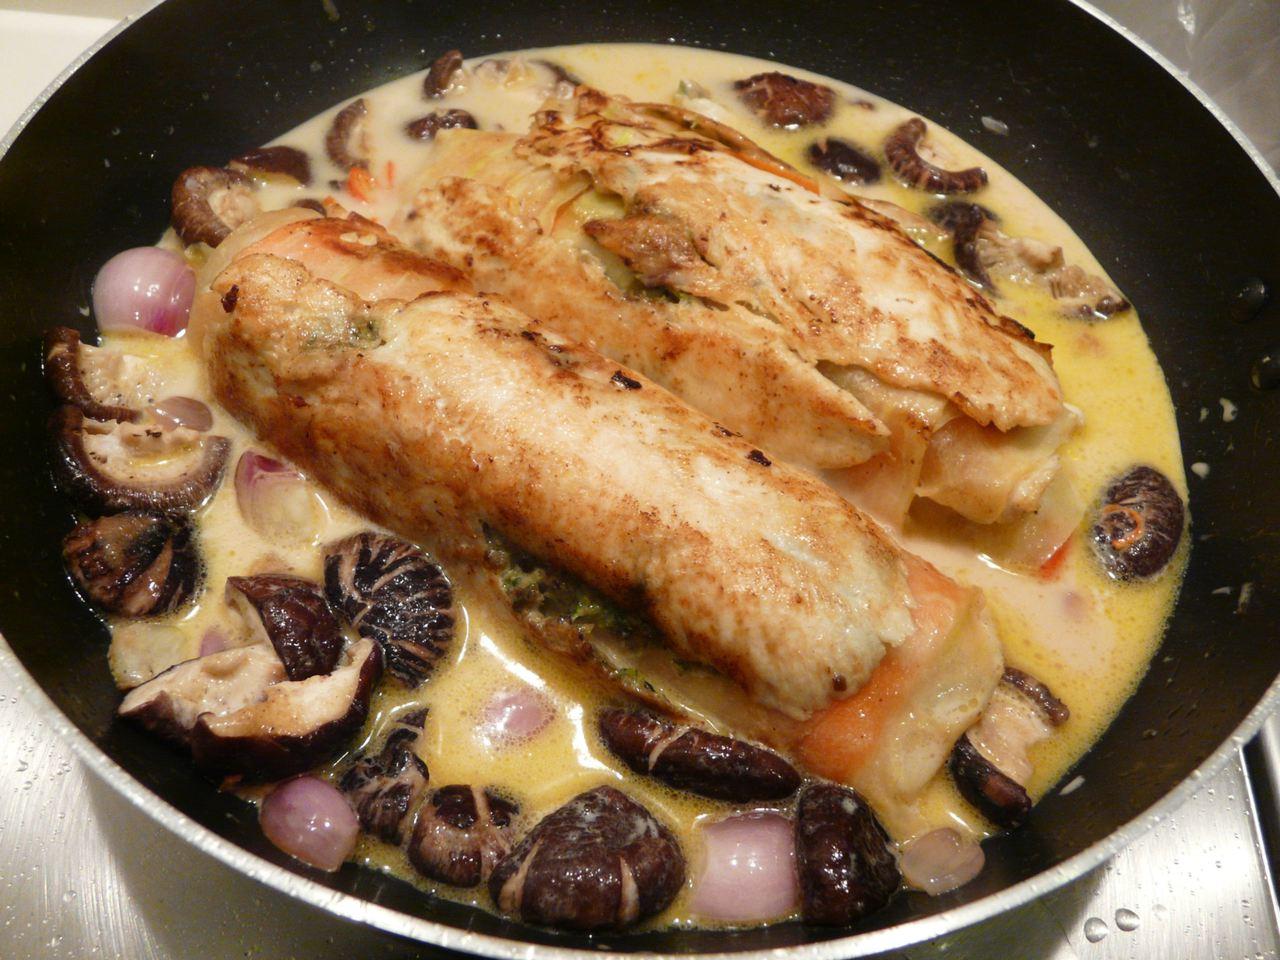 Die Sauce 5 Minuten köcheln mit frischer Chili, gemörserten schwarzen Pfeffer und etwas Austernsauce würzen abschmecken